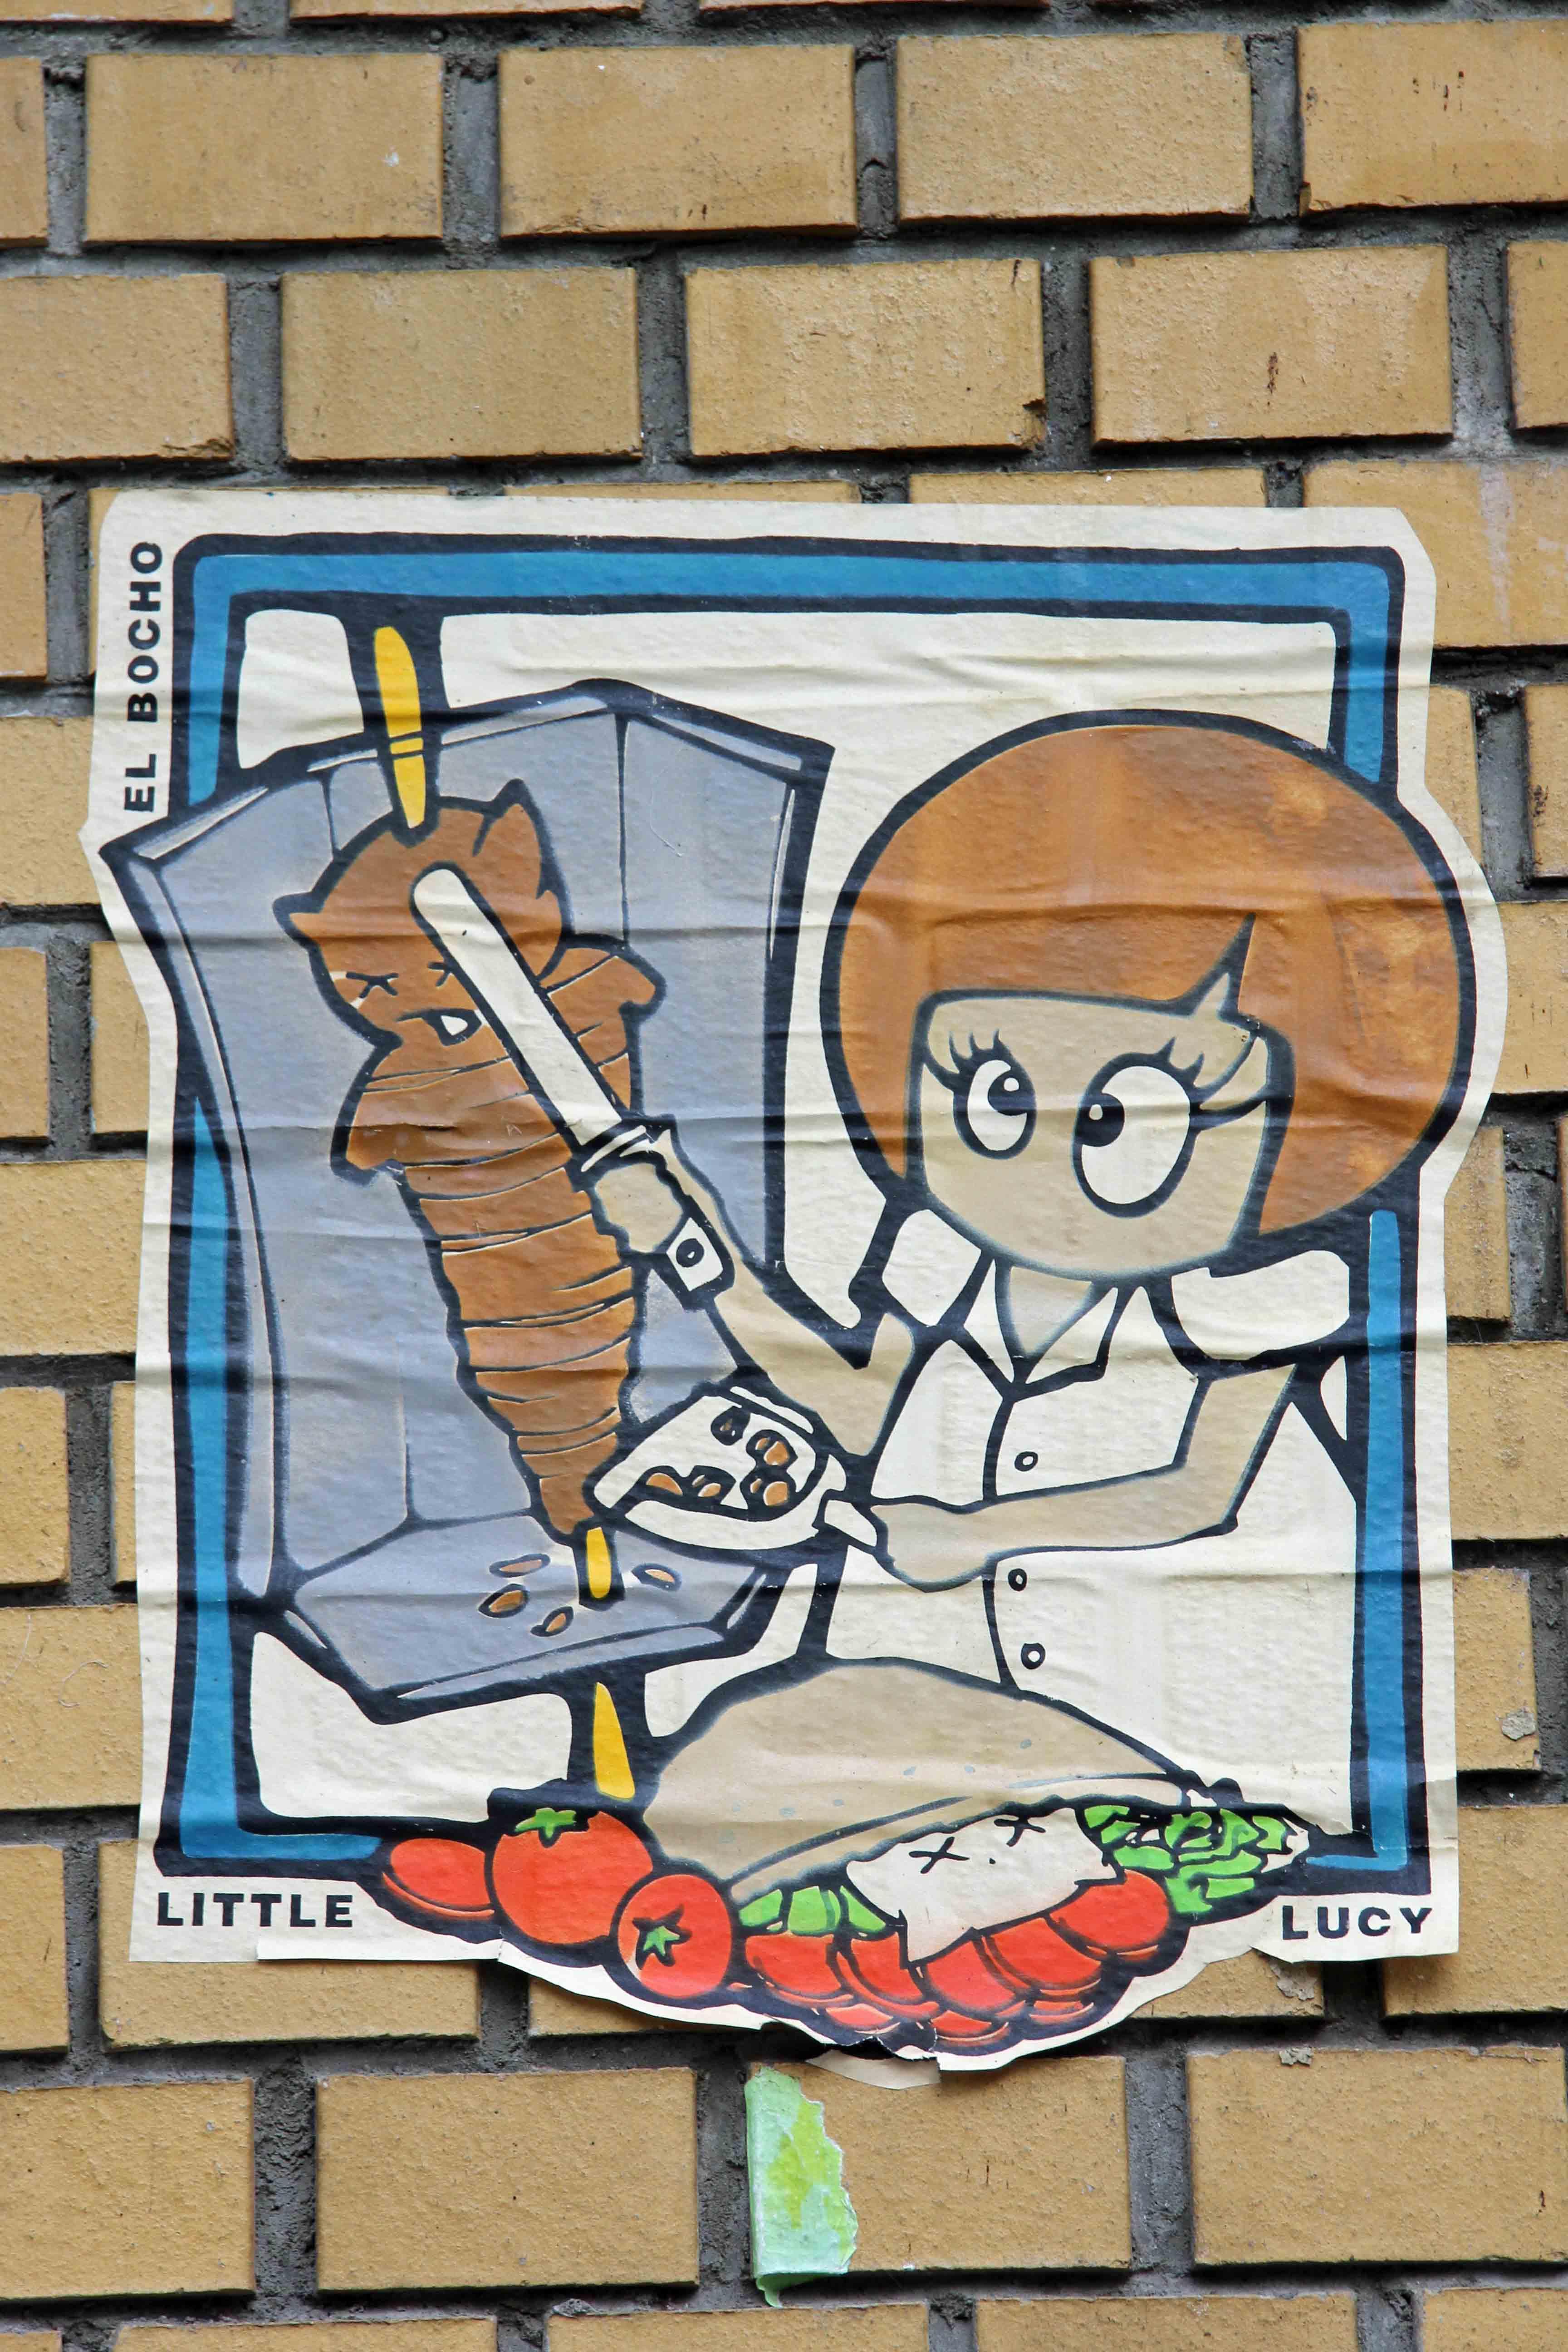 Little Lucy Kitti Kebap - Street Art by El Bocho in Berlin